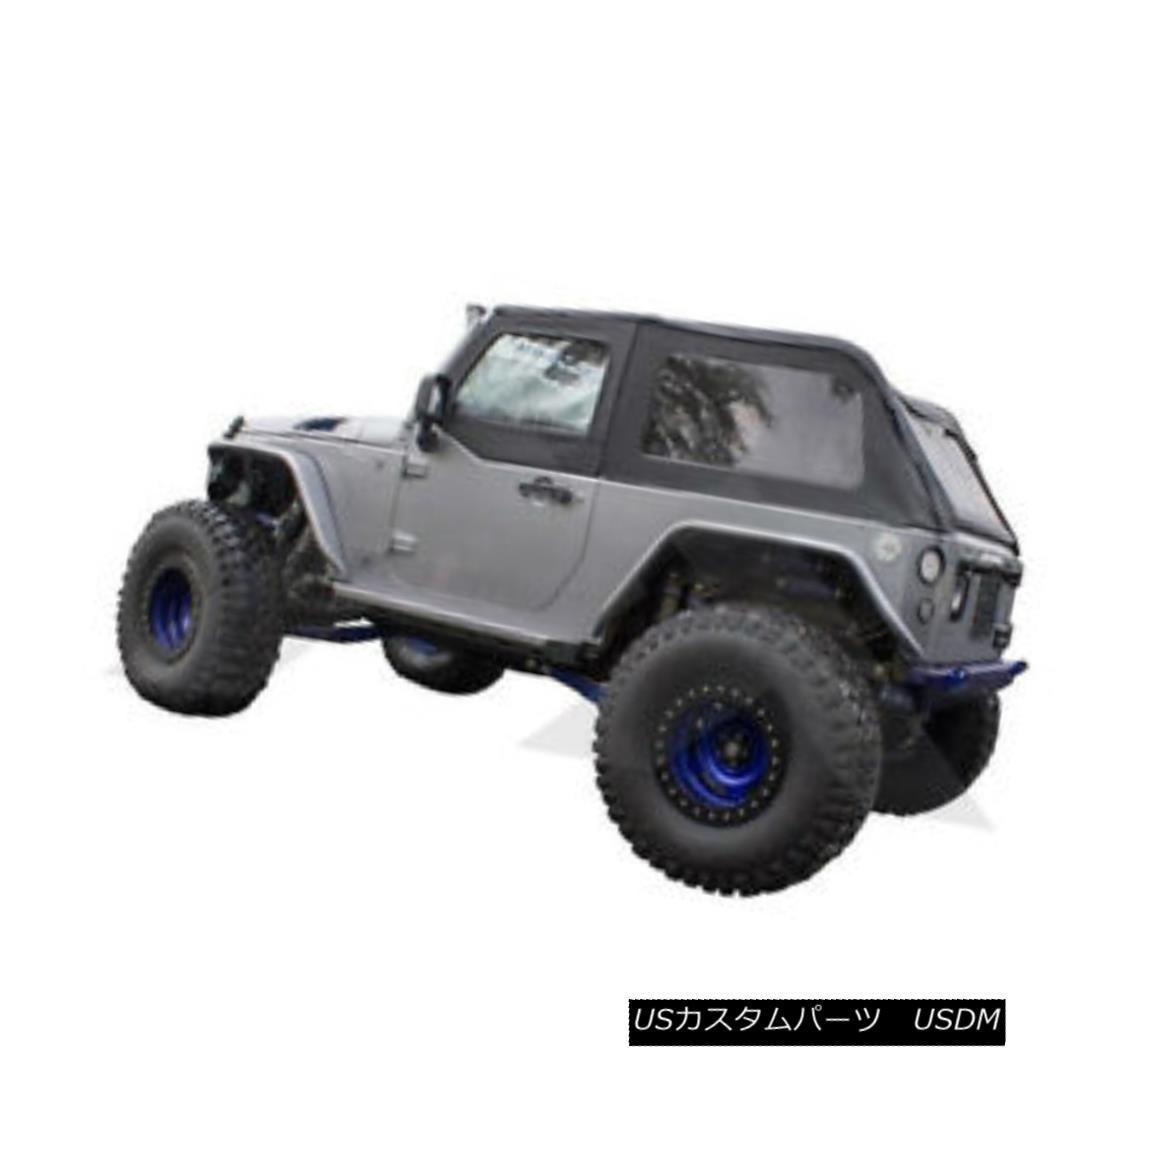 幌・ソフトトップ Bowless Soft Top Black Diamond Jeep Wrangler JK 2007-2016 BRT20035T ボウレスソフトトップブラックダイヤモンドジープラングラーJK 2007-2016 BRT20035T